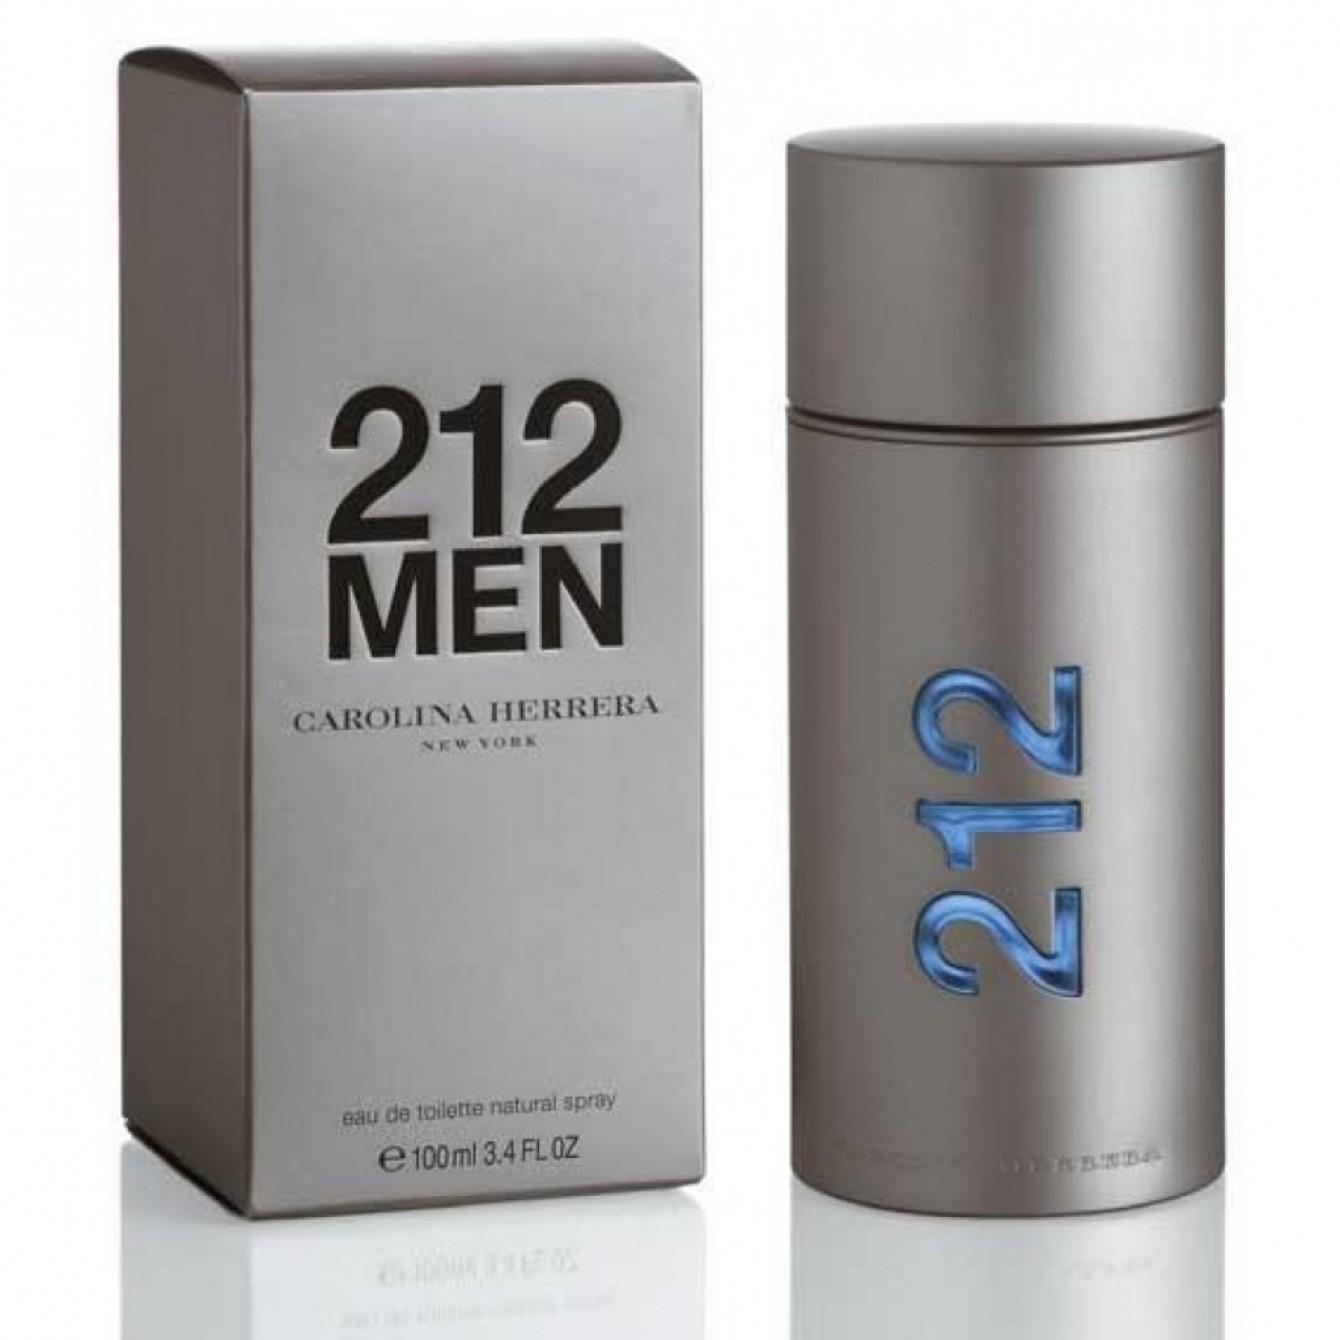 212 Men Carolina Herrera от Loris Parfum